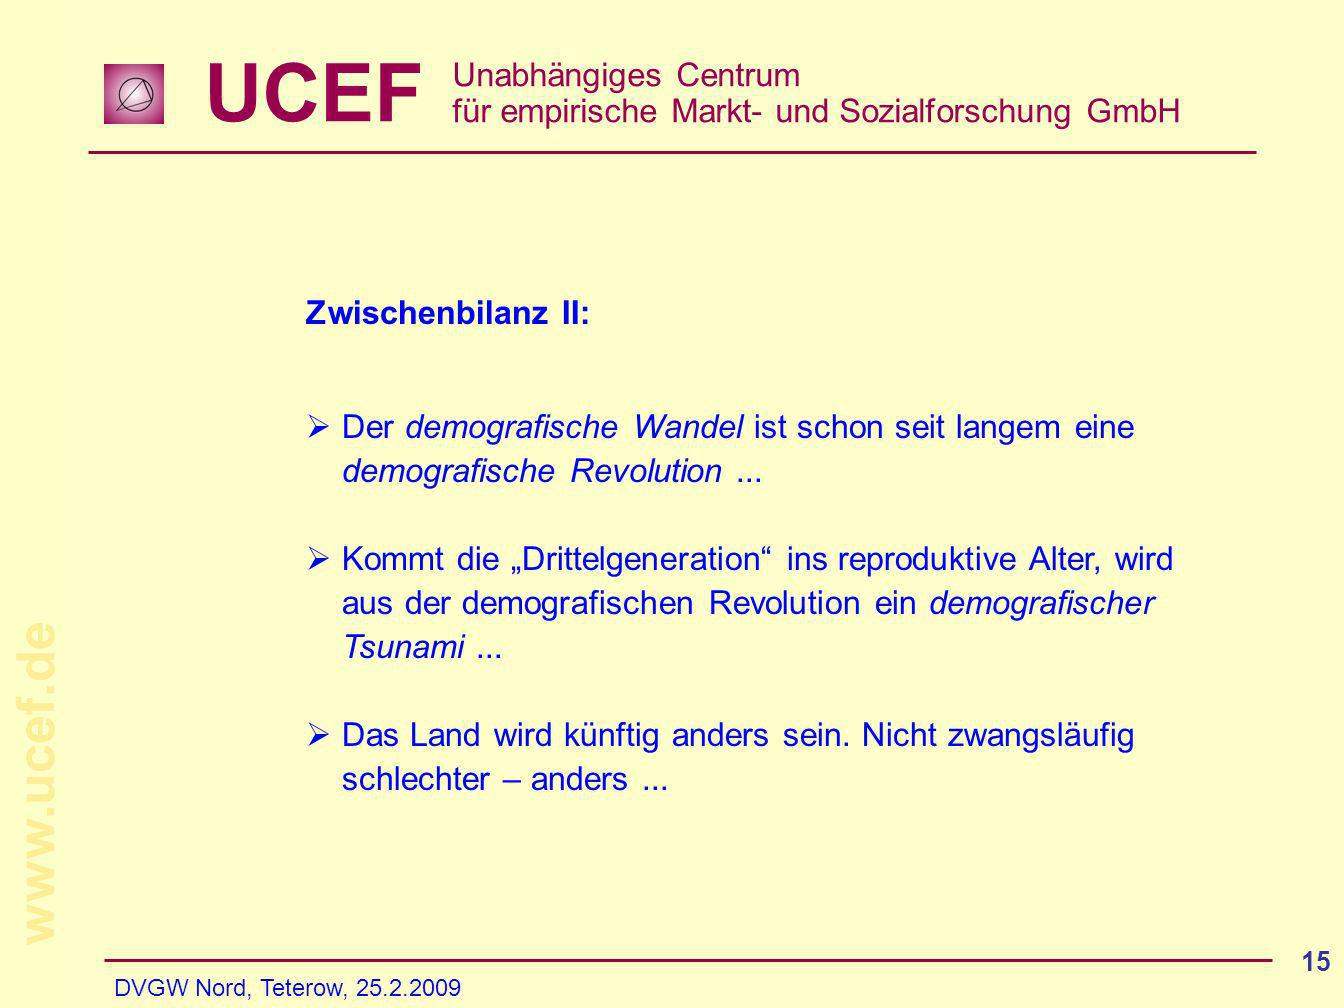 UCEF Unabhängiges Centrum für empirische Markt- und Sozialforschung GmbH www.ucef.de DVGW Nord, Teterow, 25.2.2009 15 Zwischenbilanz II: Der demografi